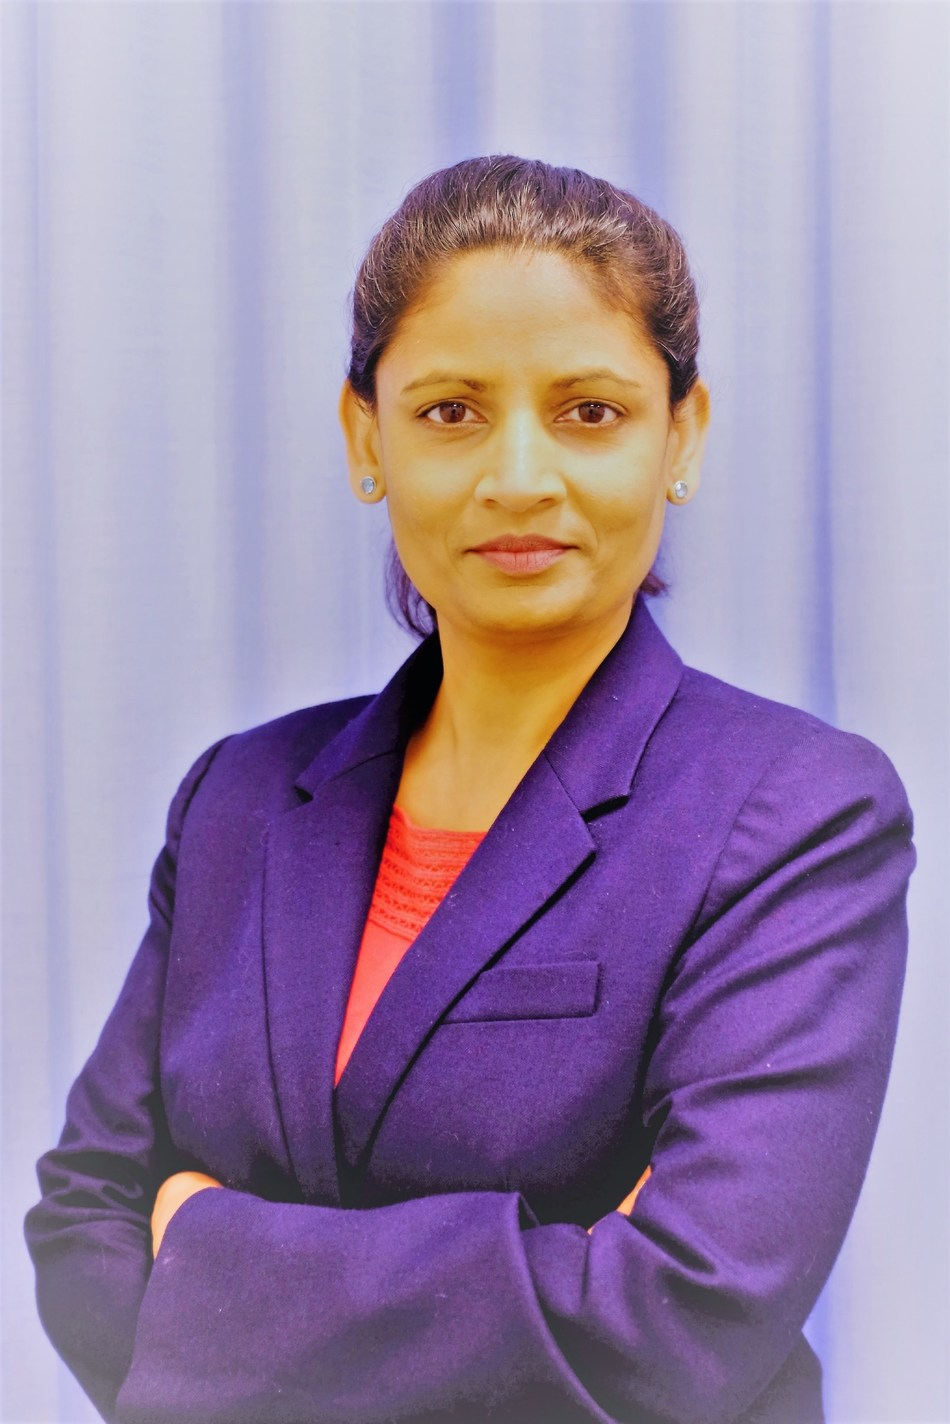 Priya Abani, AliveCor CEO